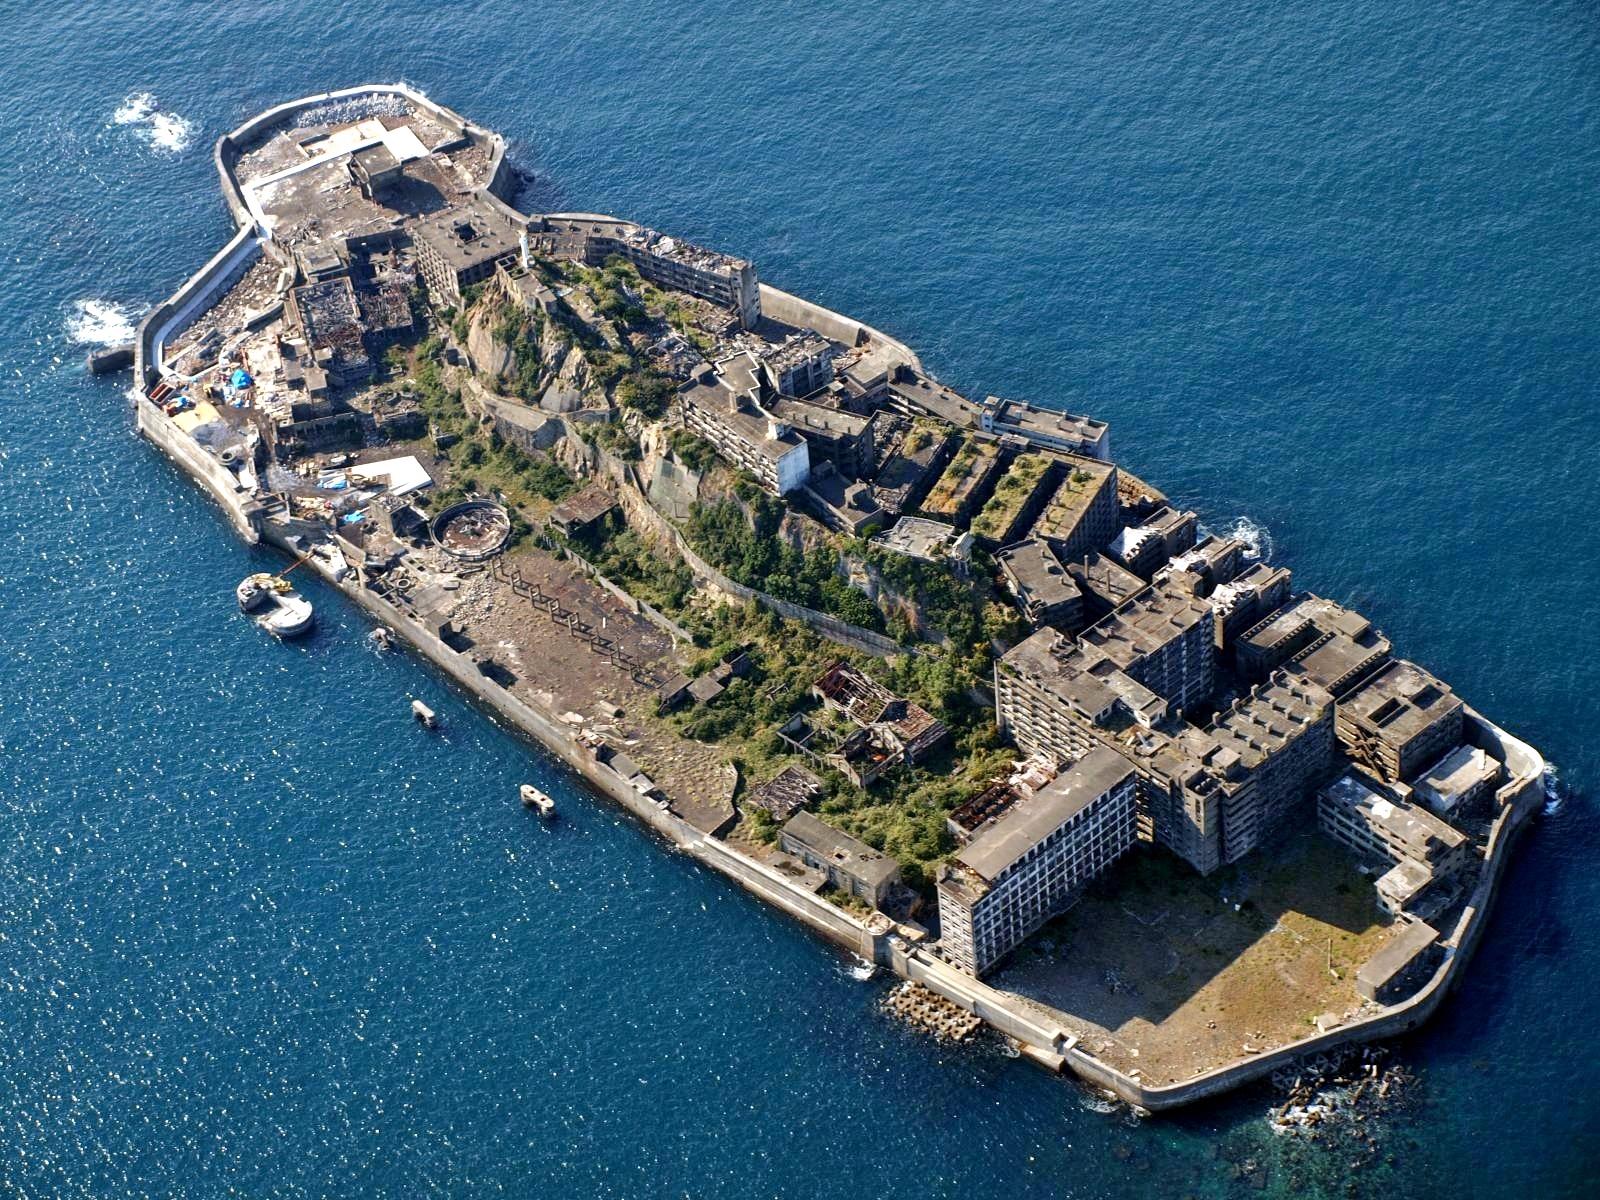 軍艦島クルーズは軍艦島コンシェルジュのクルージングツアー ネット予約可能、上陸率は他社比較で最高